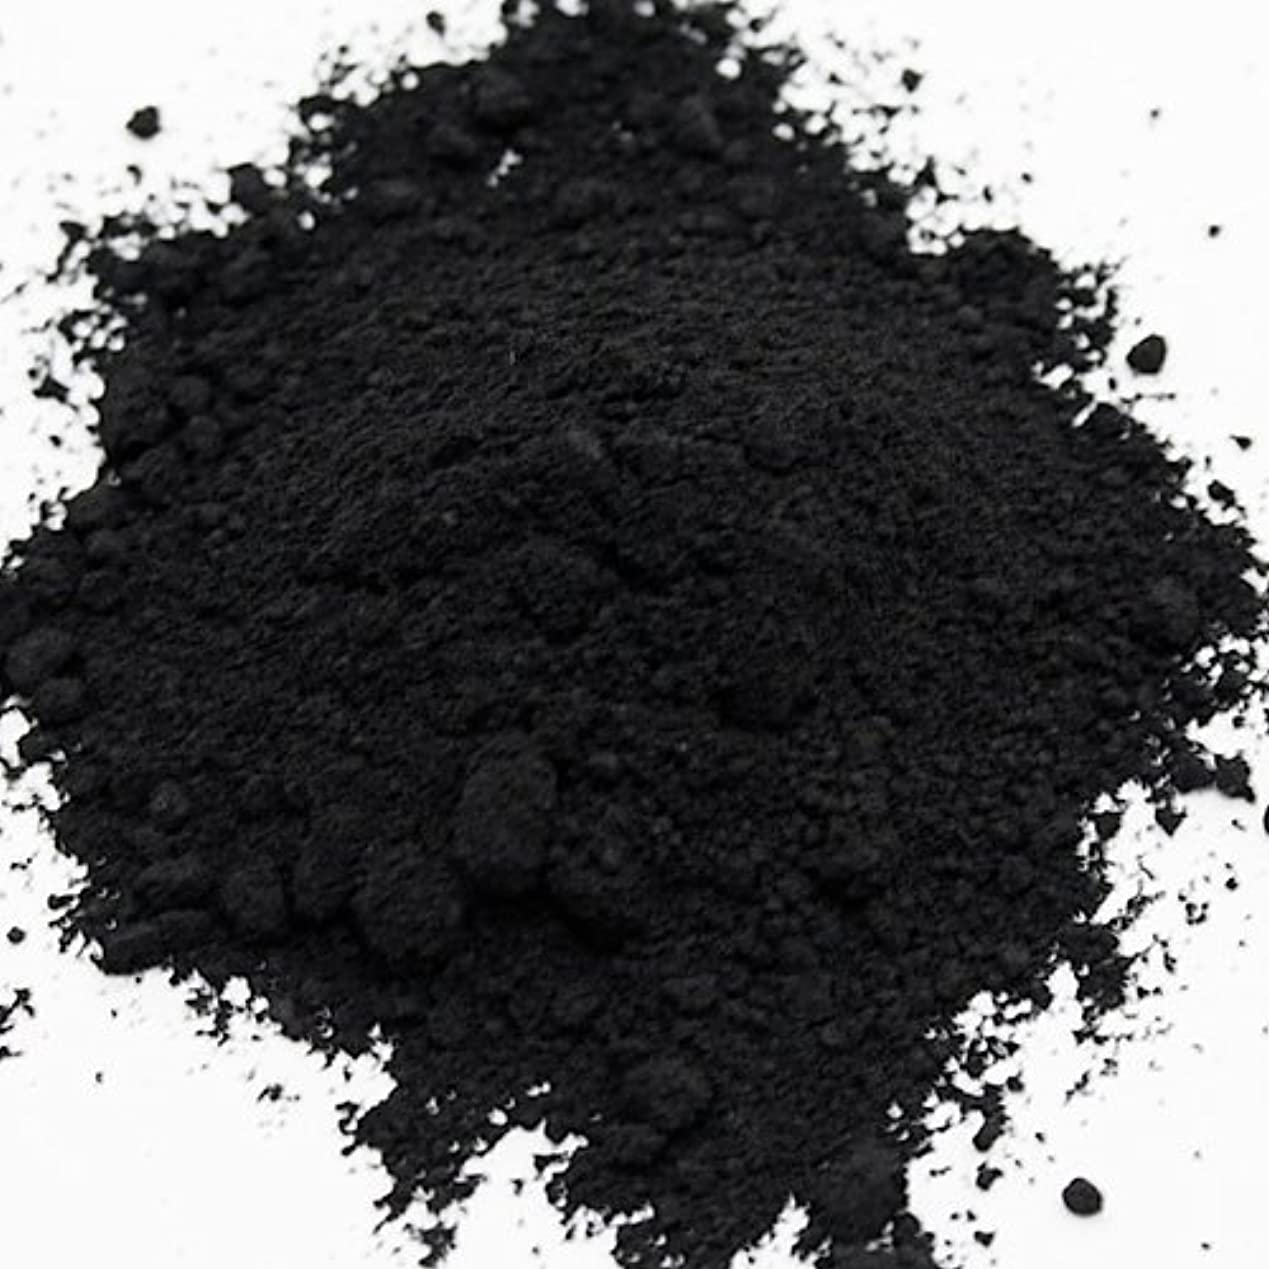 本質的ではない媒染剤肌酸化鉄 ブラック 20g 【手作り石鹸/手作りコスメ/色付け/カラーラント/黒】